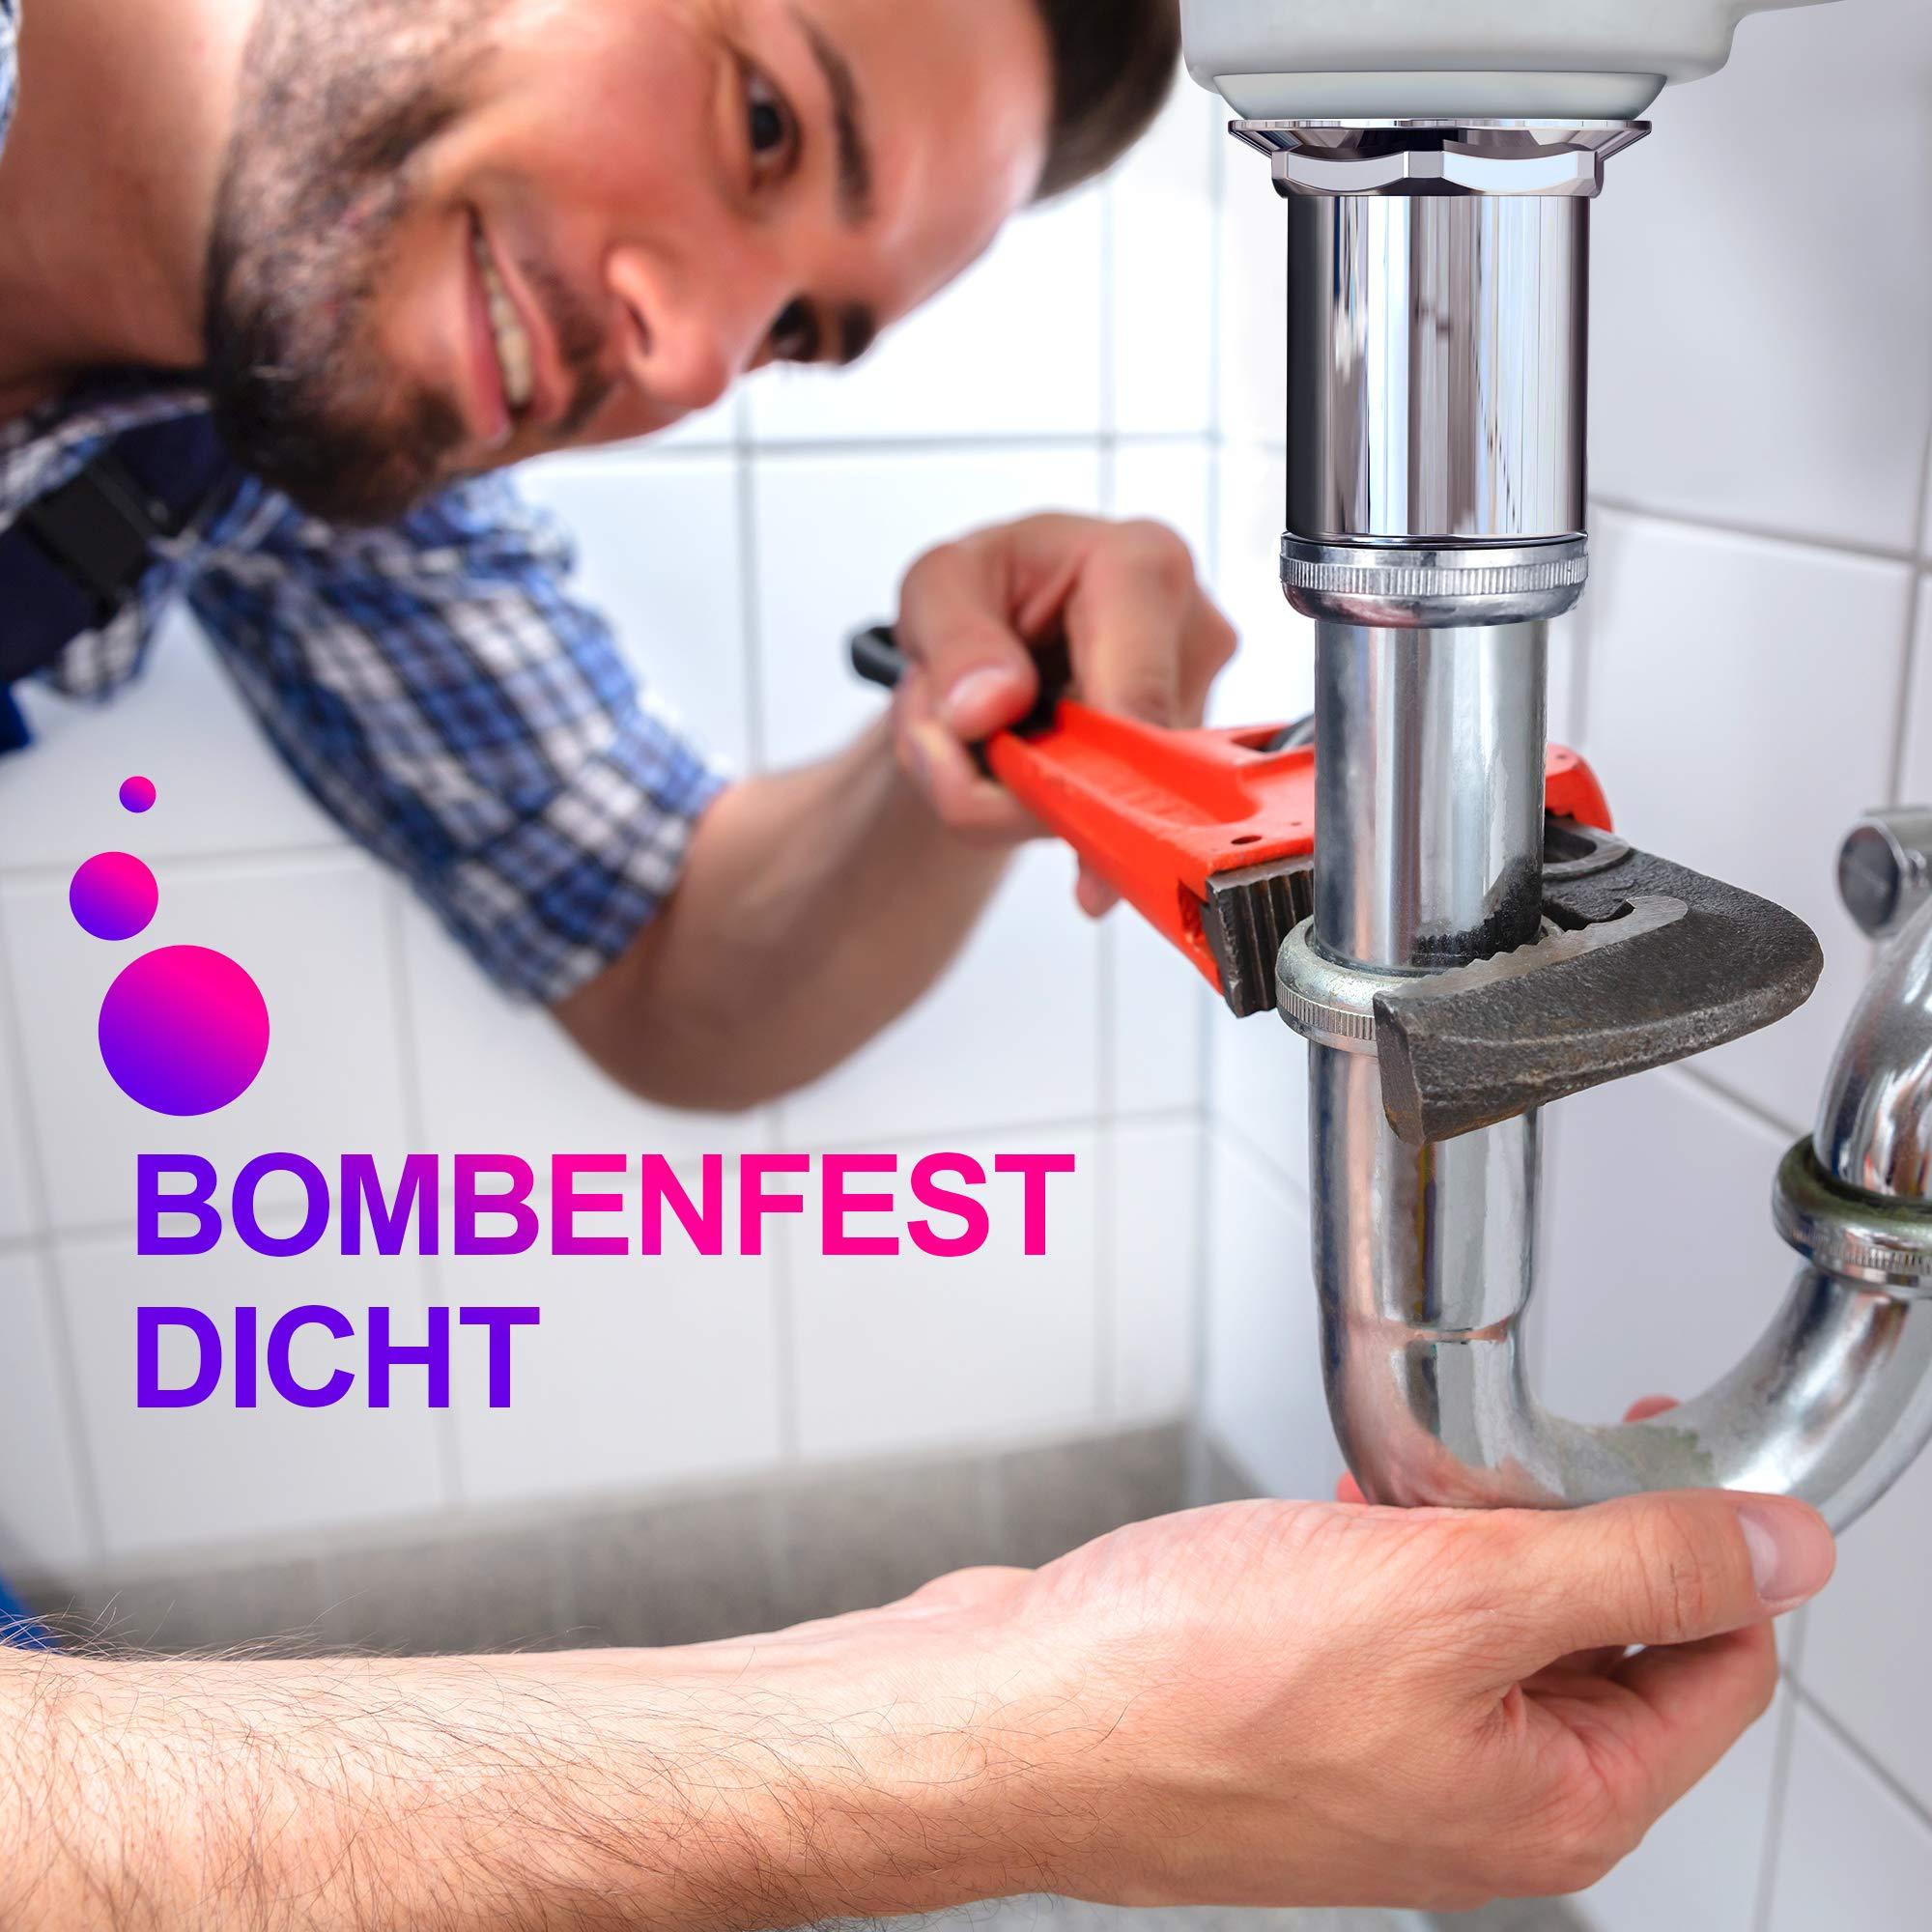 Premium Waschbecken Abflussgarnitur mit Überlauf - für Waschbecken & Waschtisch, Chrom Pop Up Ventil, Universal Ablaufventil Ablaufgarnitur aus Messing - Einbau mit Anleitung ohne Werkzeug